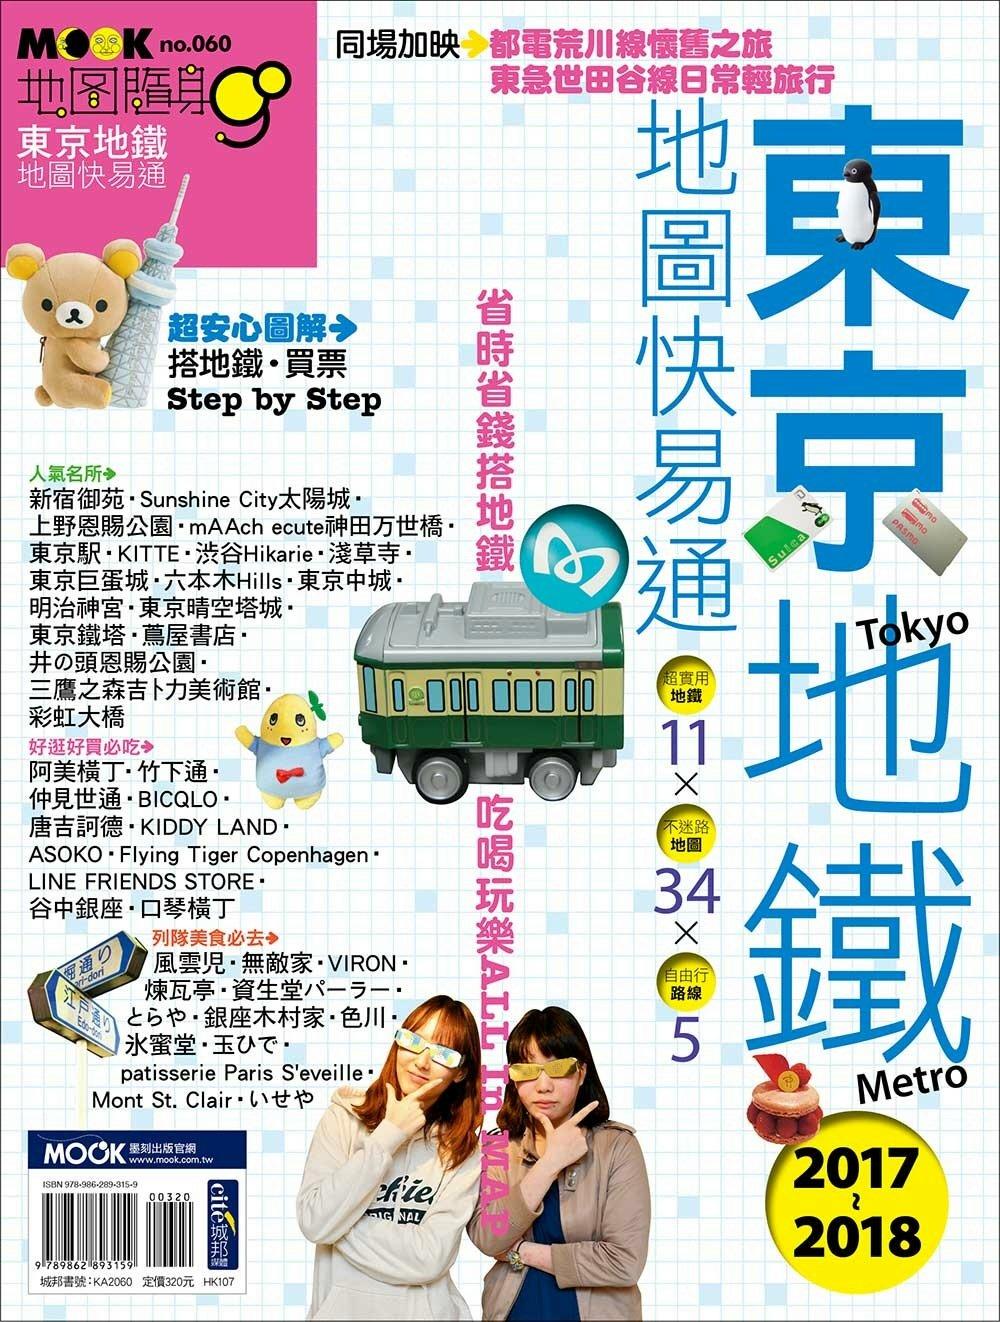 ◤博客來BOOKS◢ 暢銷書榜《推薦》東京地鐵地圖快易通2017-2018